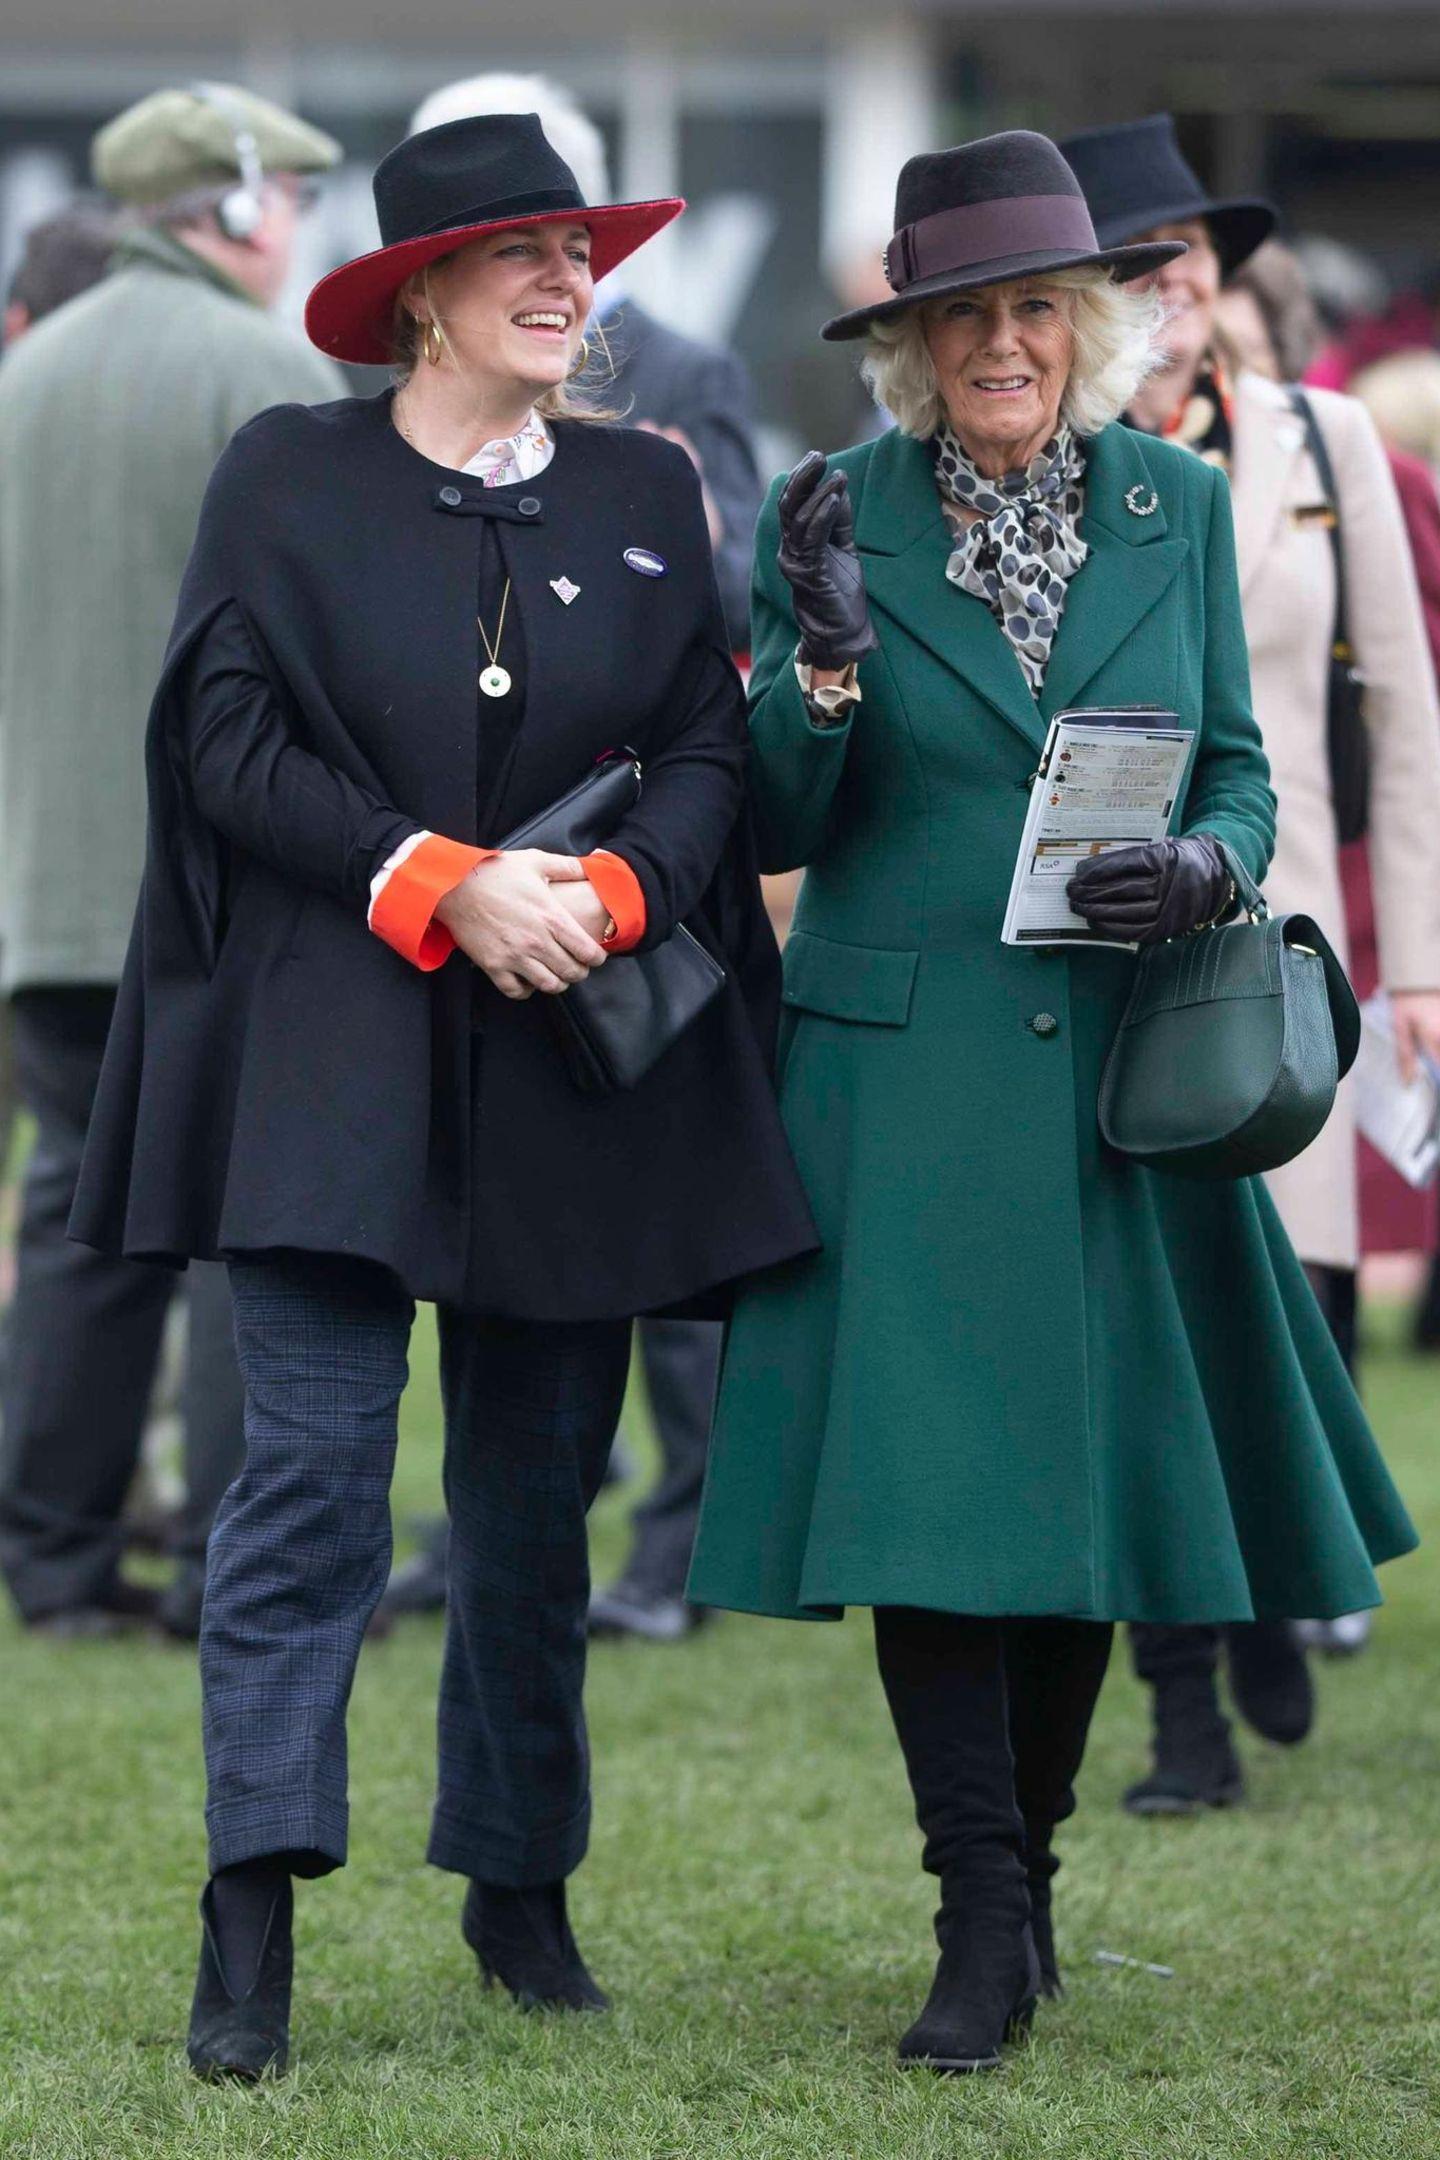 Derweil schlendert Herzogin Camilla gut gelaunt mit ihrer Tochter Laura Rose Lopes über das Gelände. Sie stammt aus der Ehe der Herzogin mit Andrew Parker Bowles, einem pensionierten Offizier der britischen Armee. Die Stieftochter von Prinz Charles ist als Kunstkuratorin tätig.